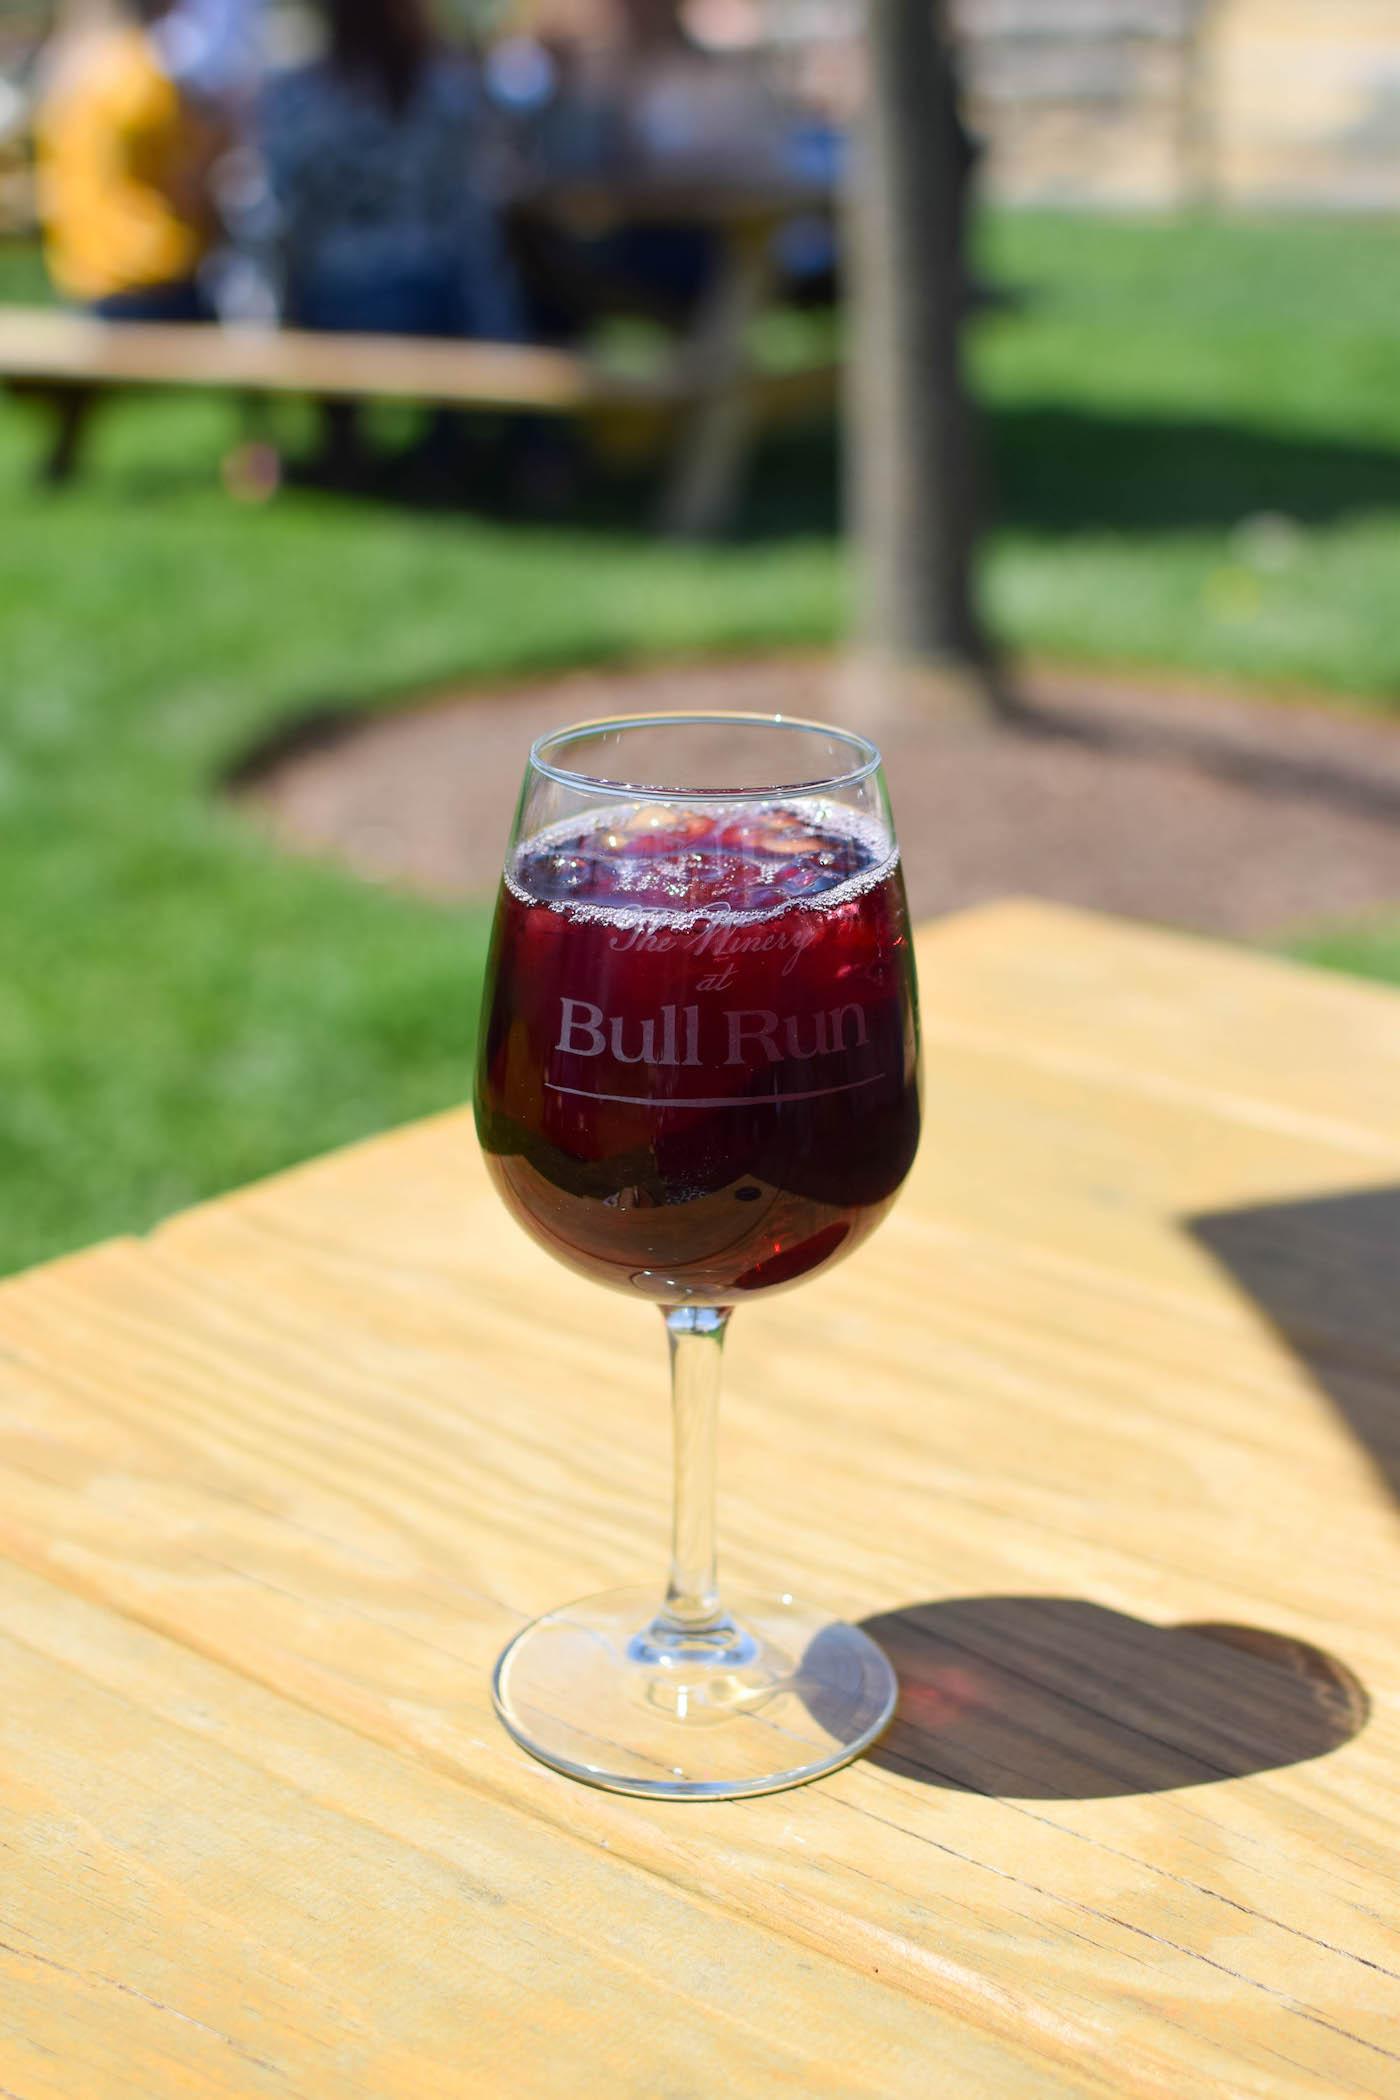 bull run winery fairfax virginia